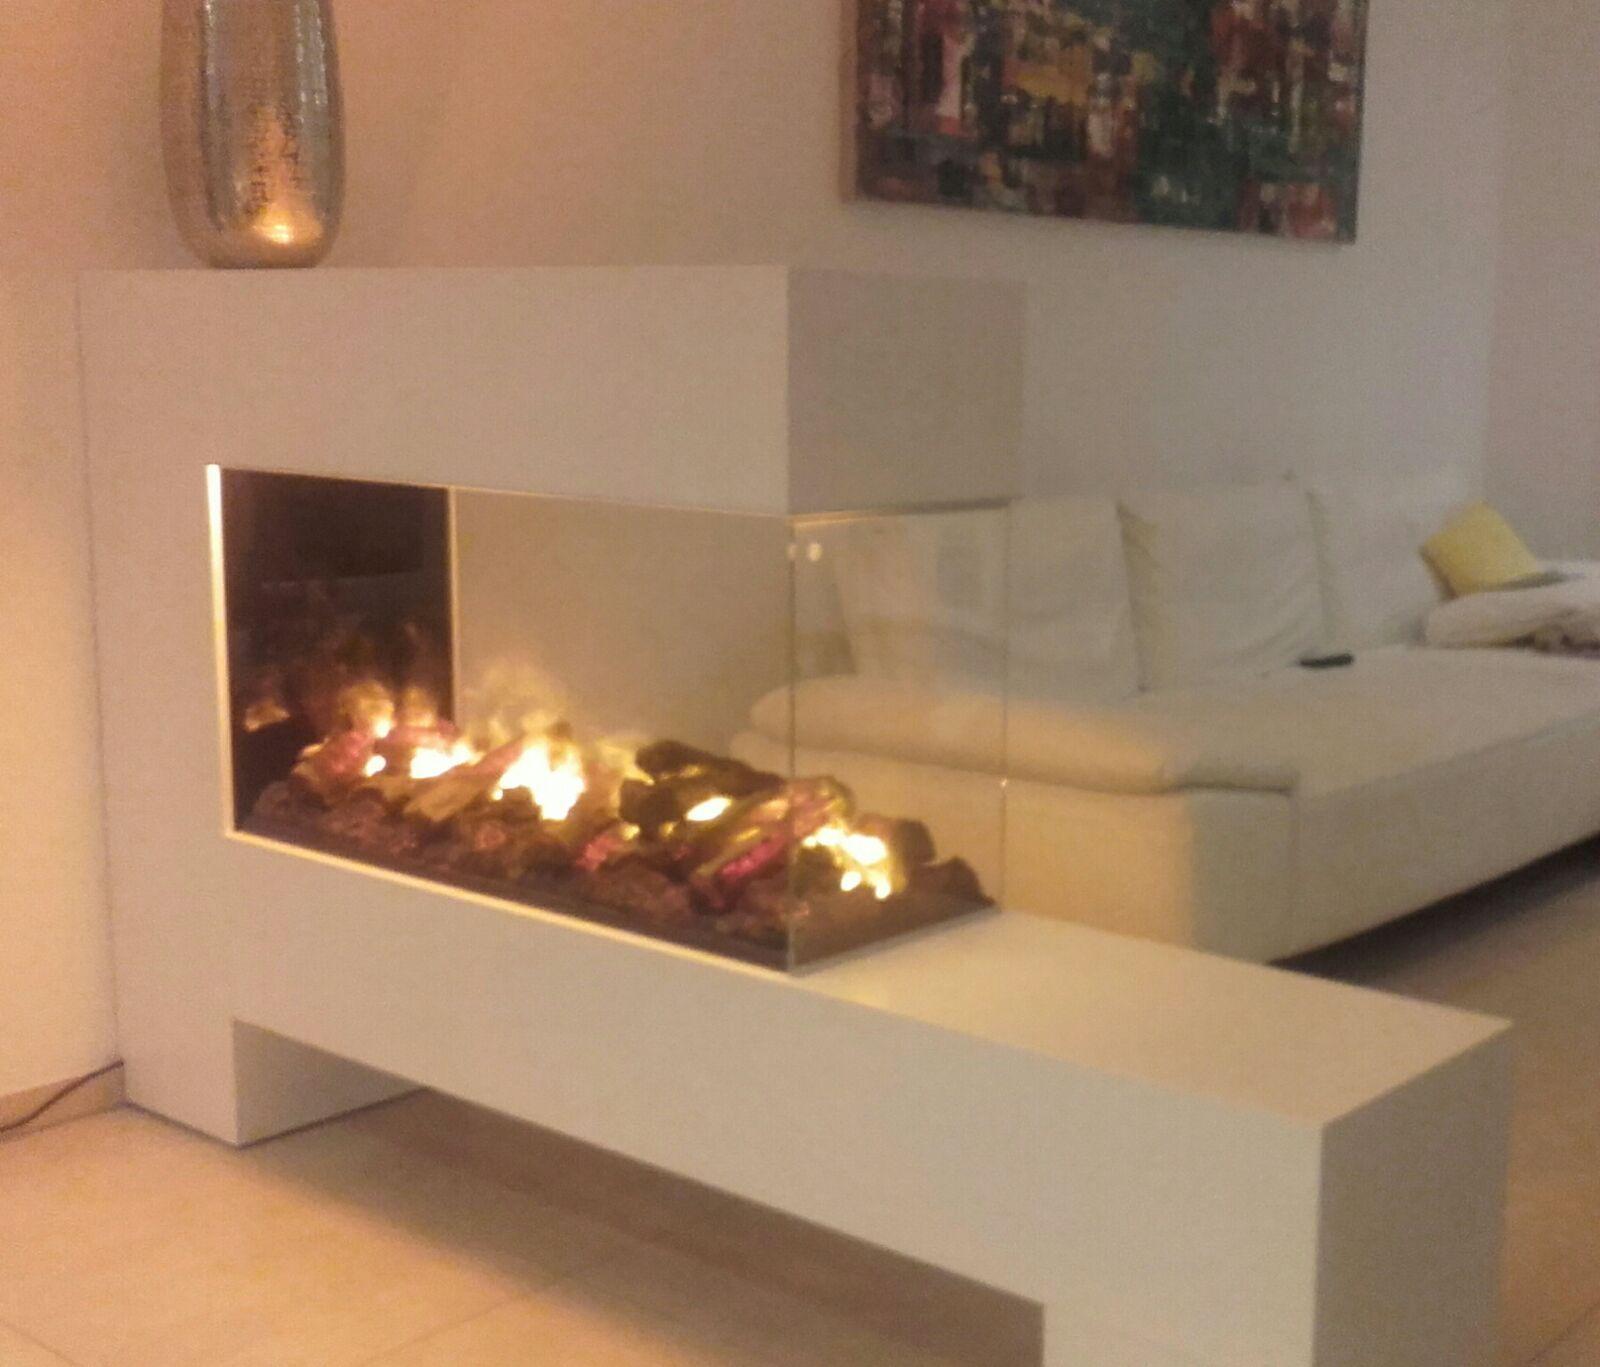 kamagra sicher bestellen einrichtungsideen pinterest wohnzimmer raum und raumteiler. Black Bedroom Furniture Sets. Home Design Ideas